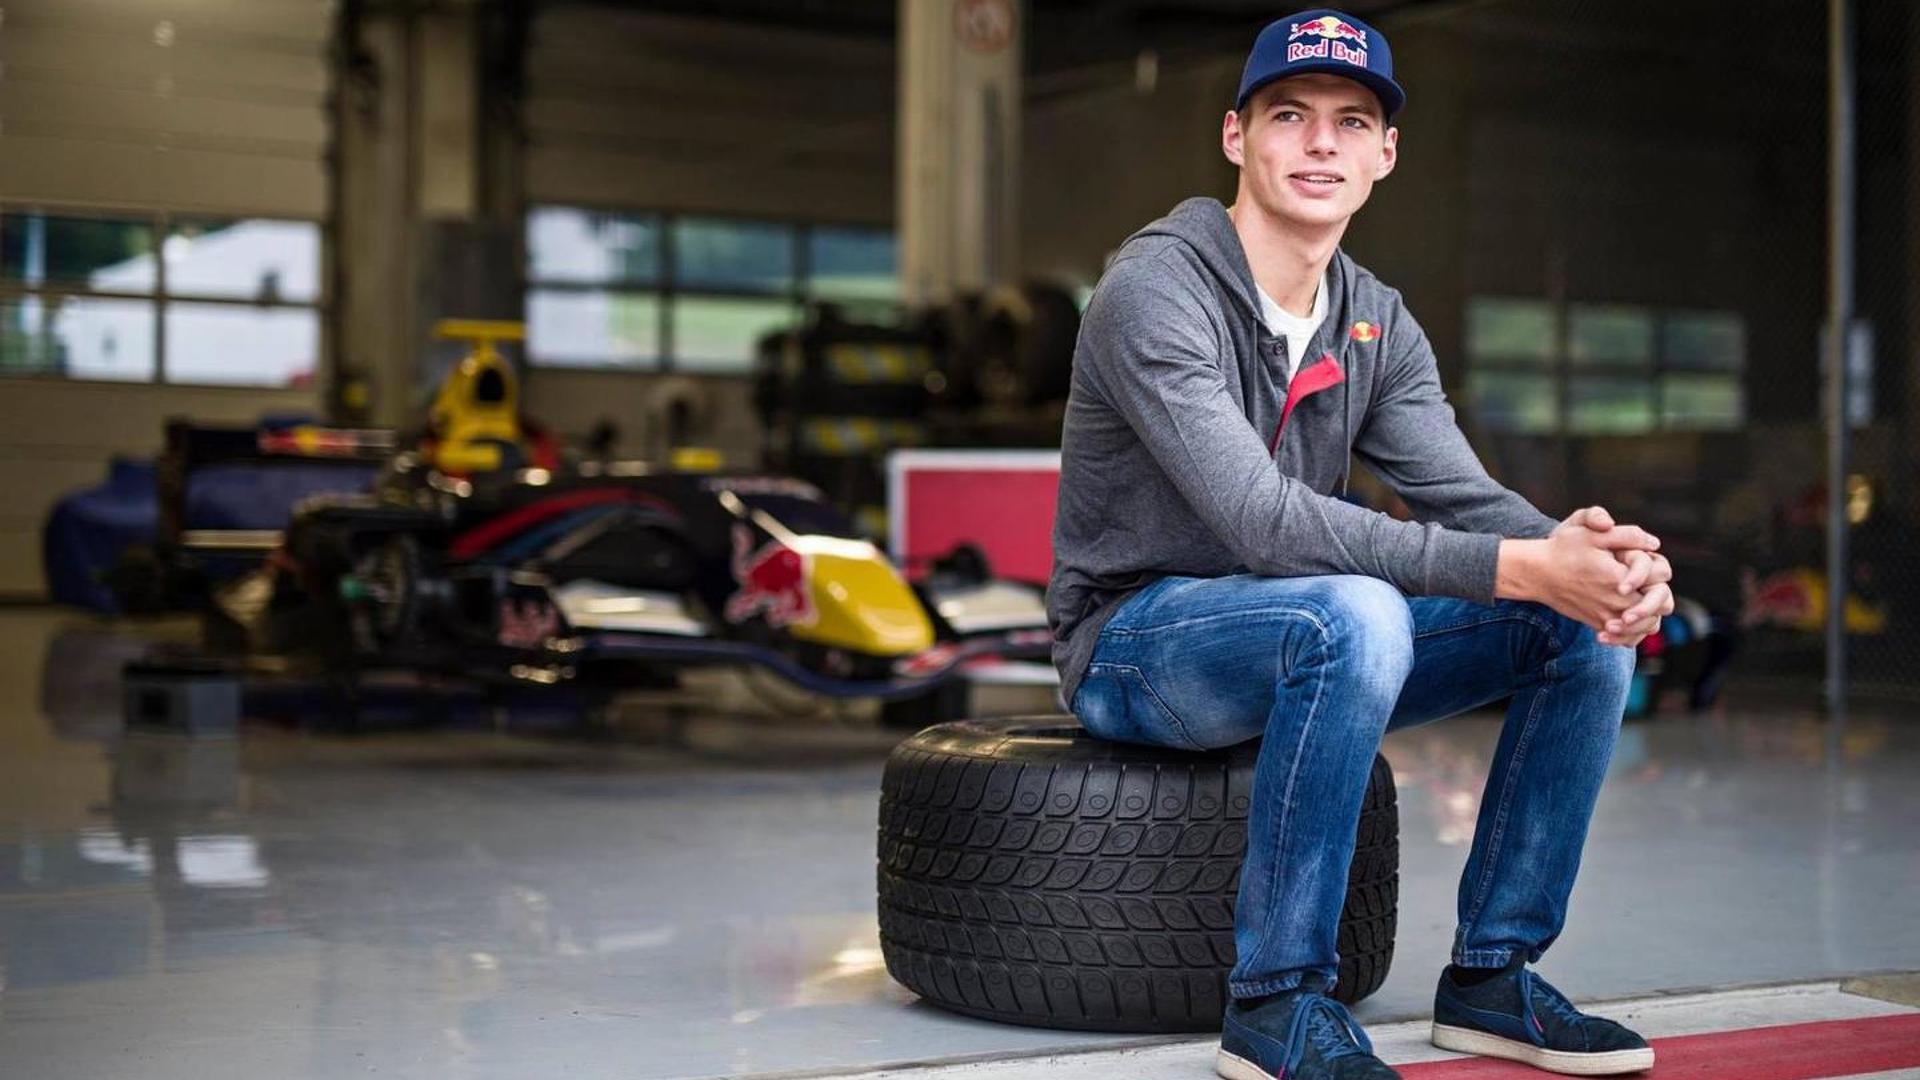 F1 'too easy' as teen Verstappen makes debut